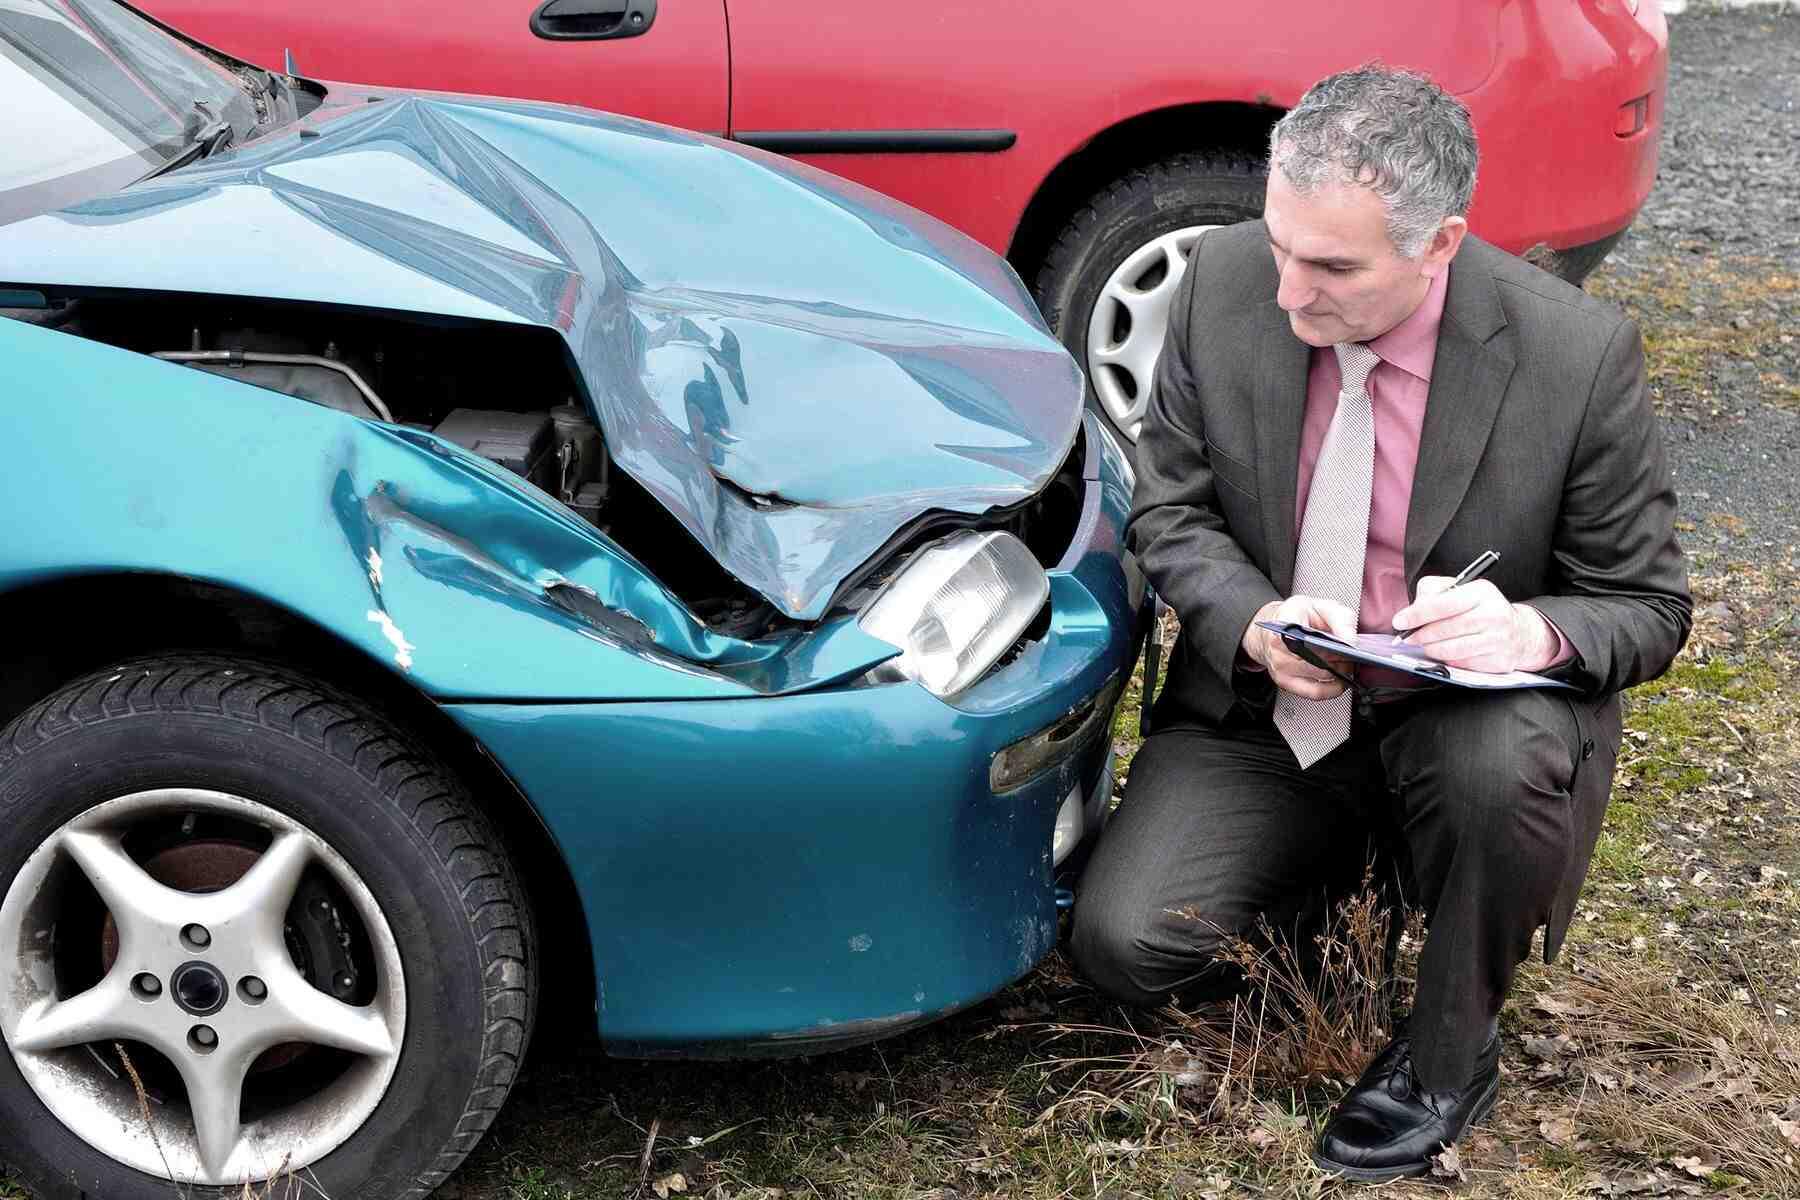 Comment négocier avec le spécialiste automobile?